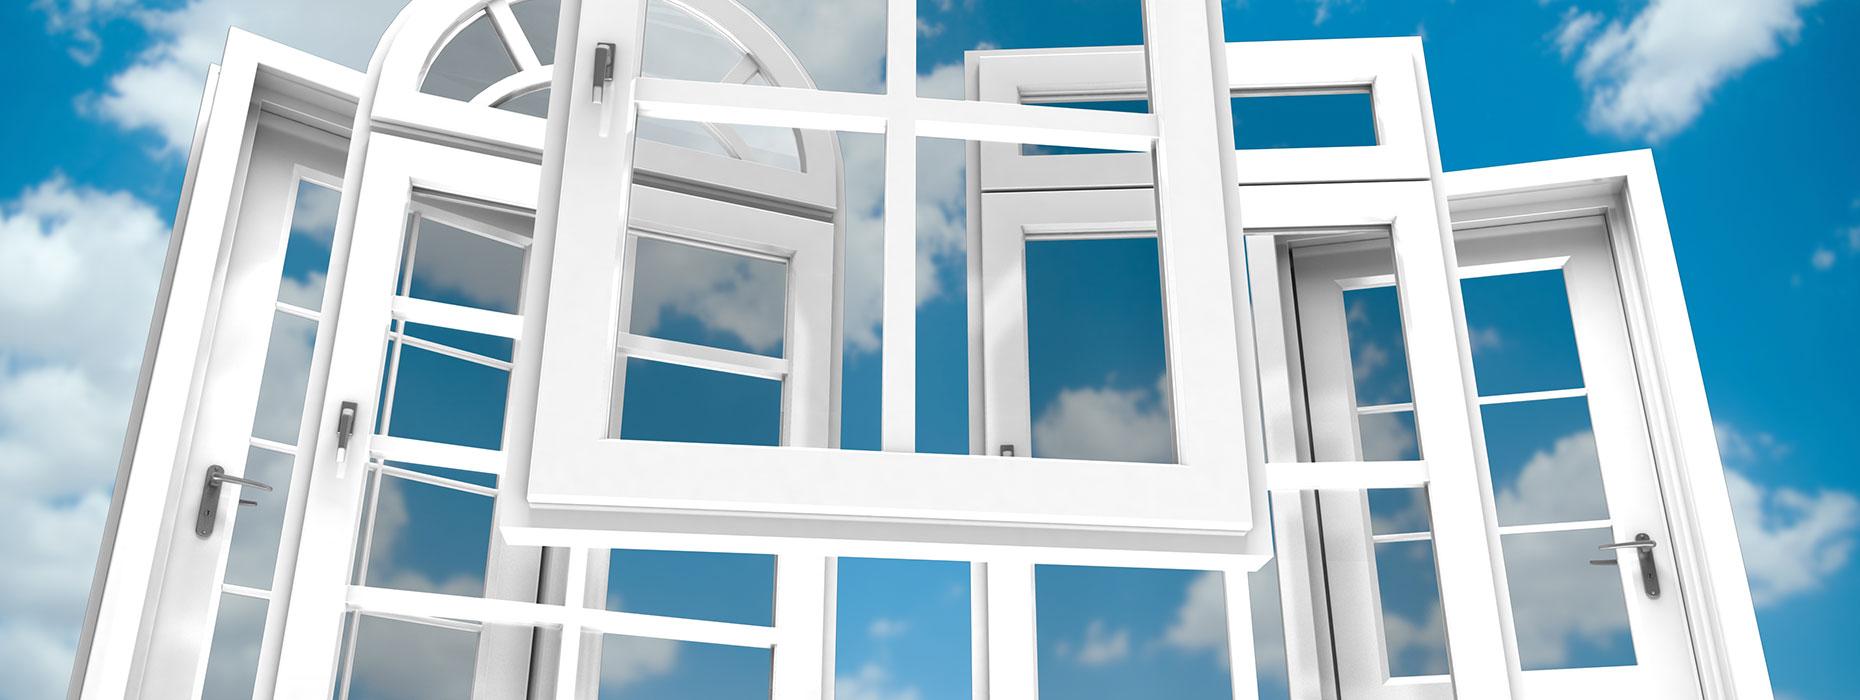 vetri per finestre